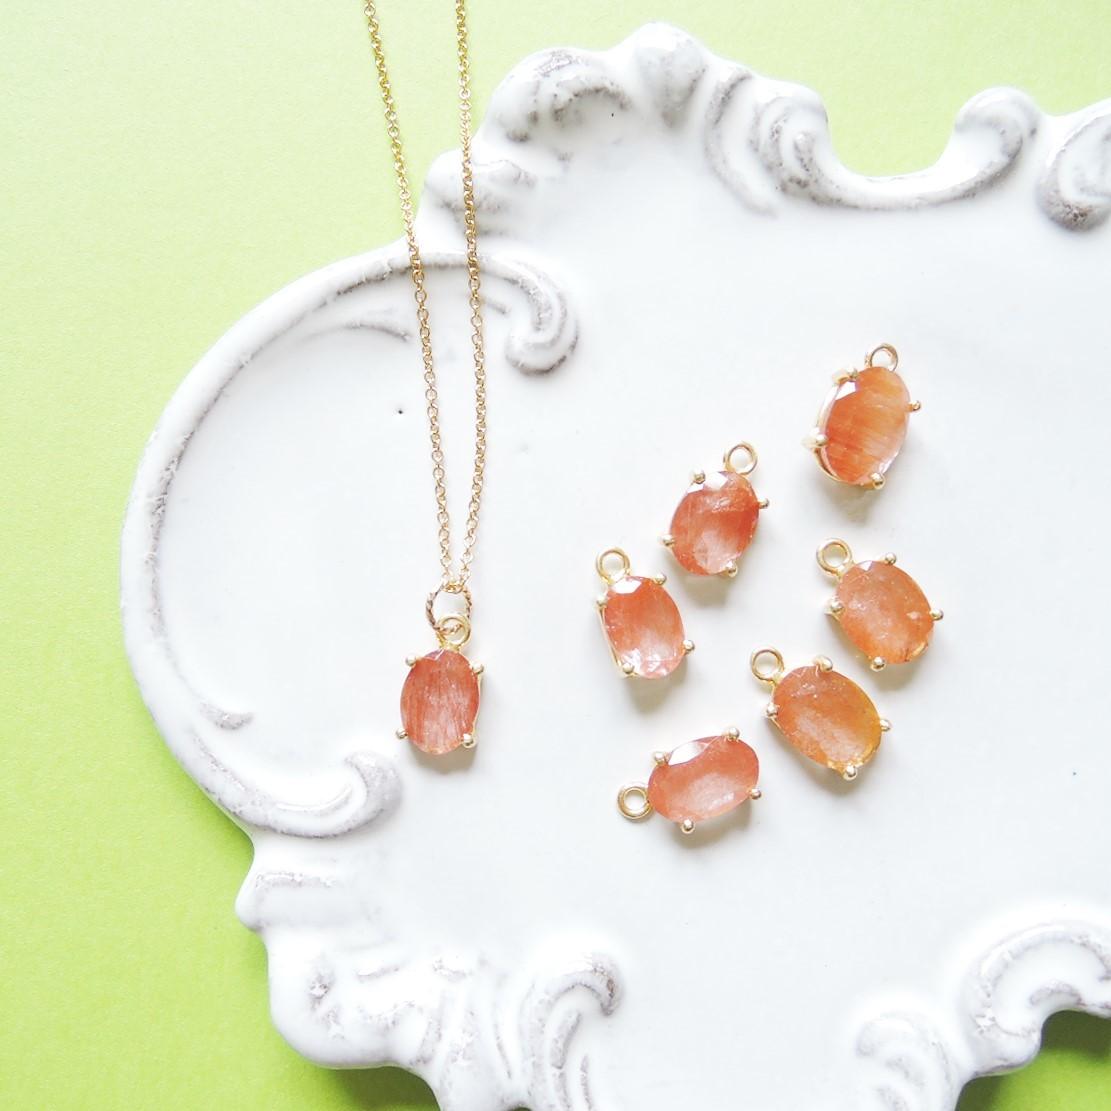 画像1: 【残り1】まるでオレンジジュレ♪ ラビットファー オレンジルチル 宝石ジェム 14KGFネックレス40cm (1)